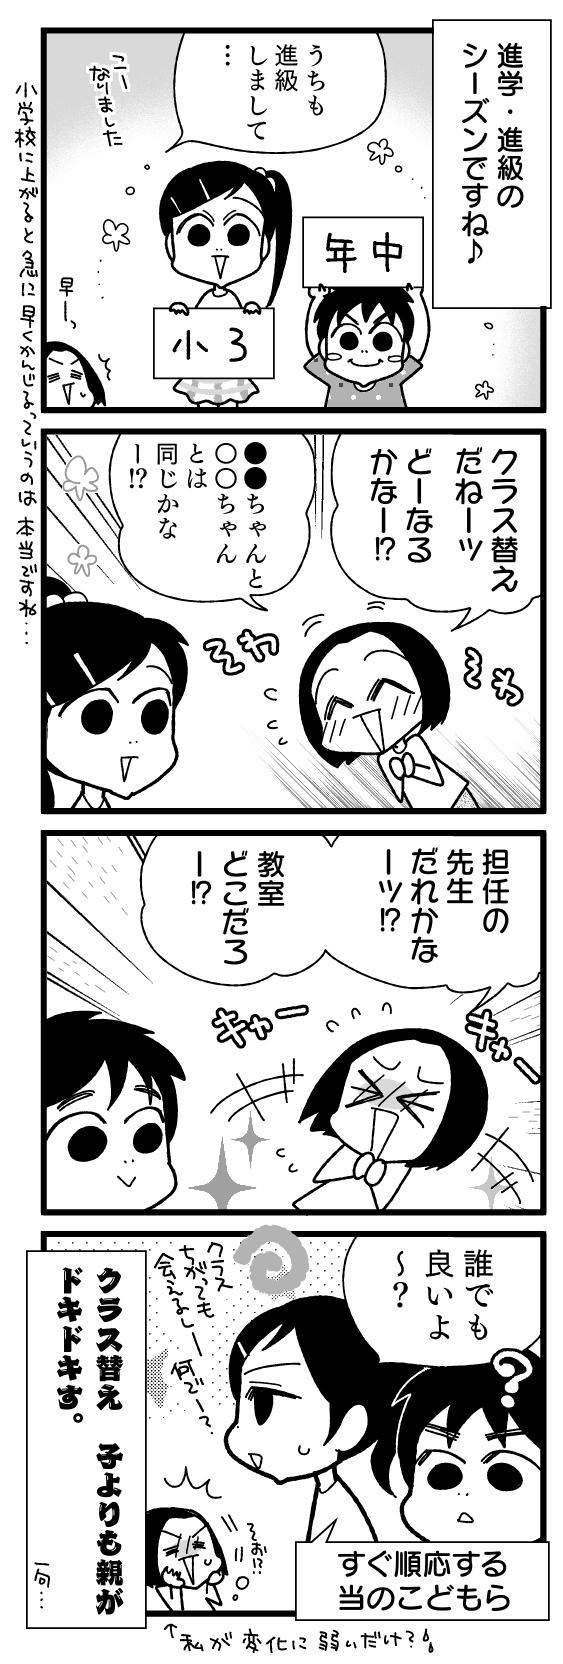 漫画『怒涛のにゅーじヨージ』Vol.199「4月ってそわそわ」 1コマ目